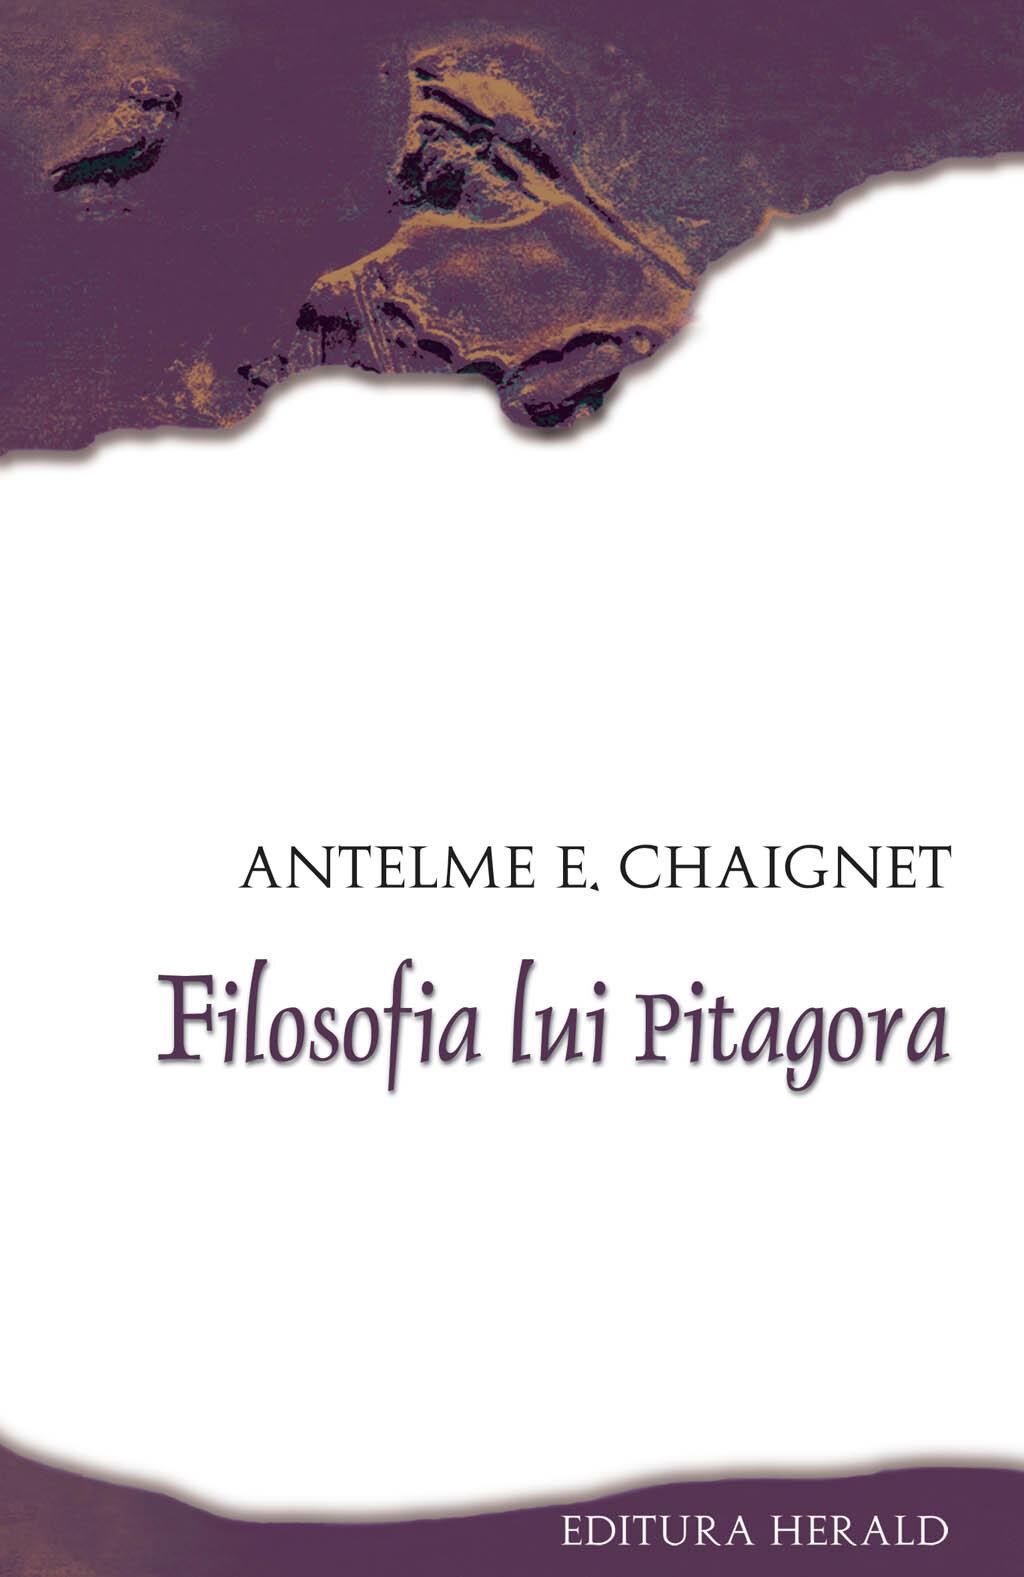 Filosofia lui Pitagora (eBook)